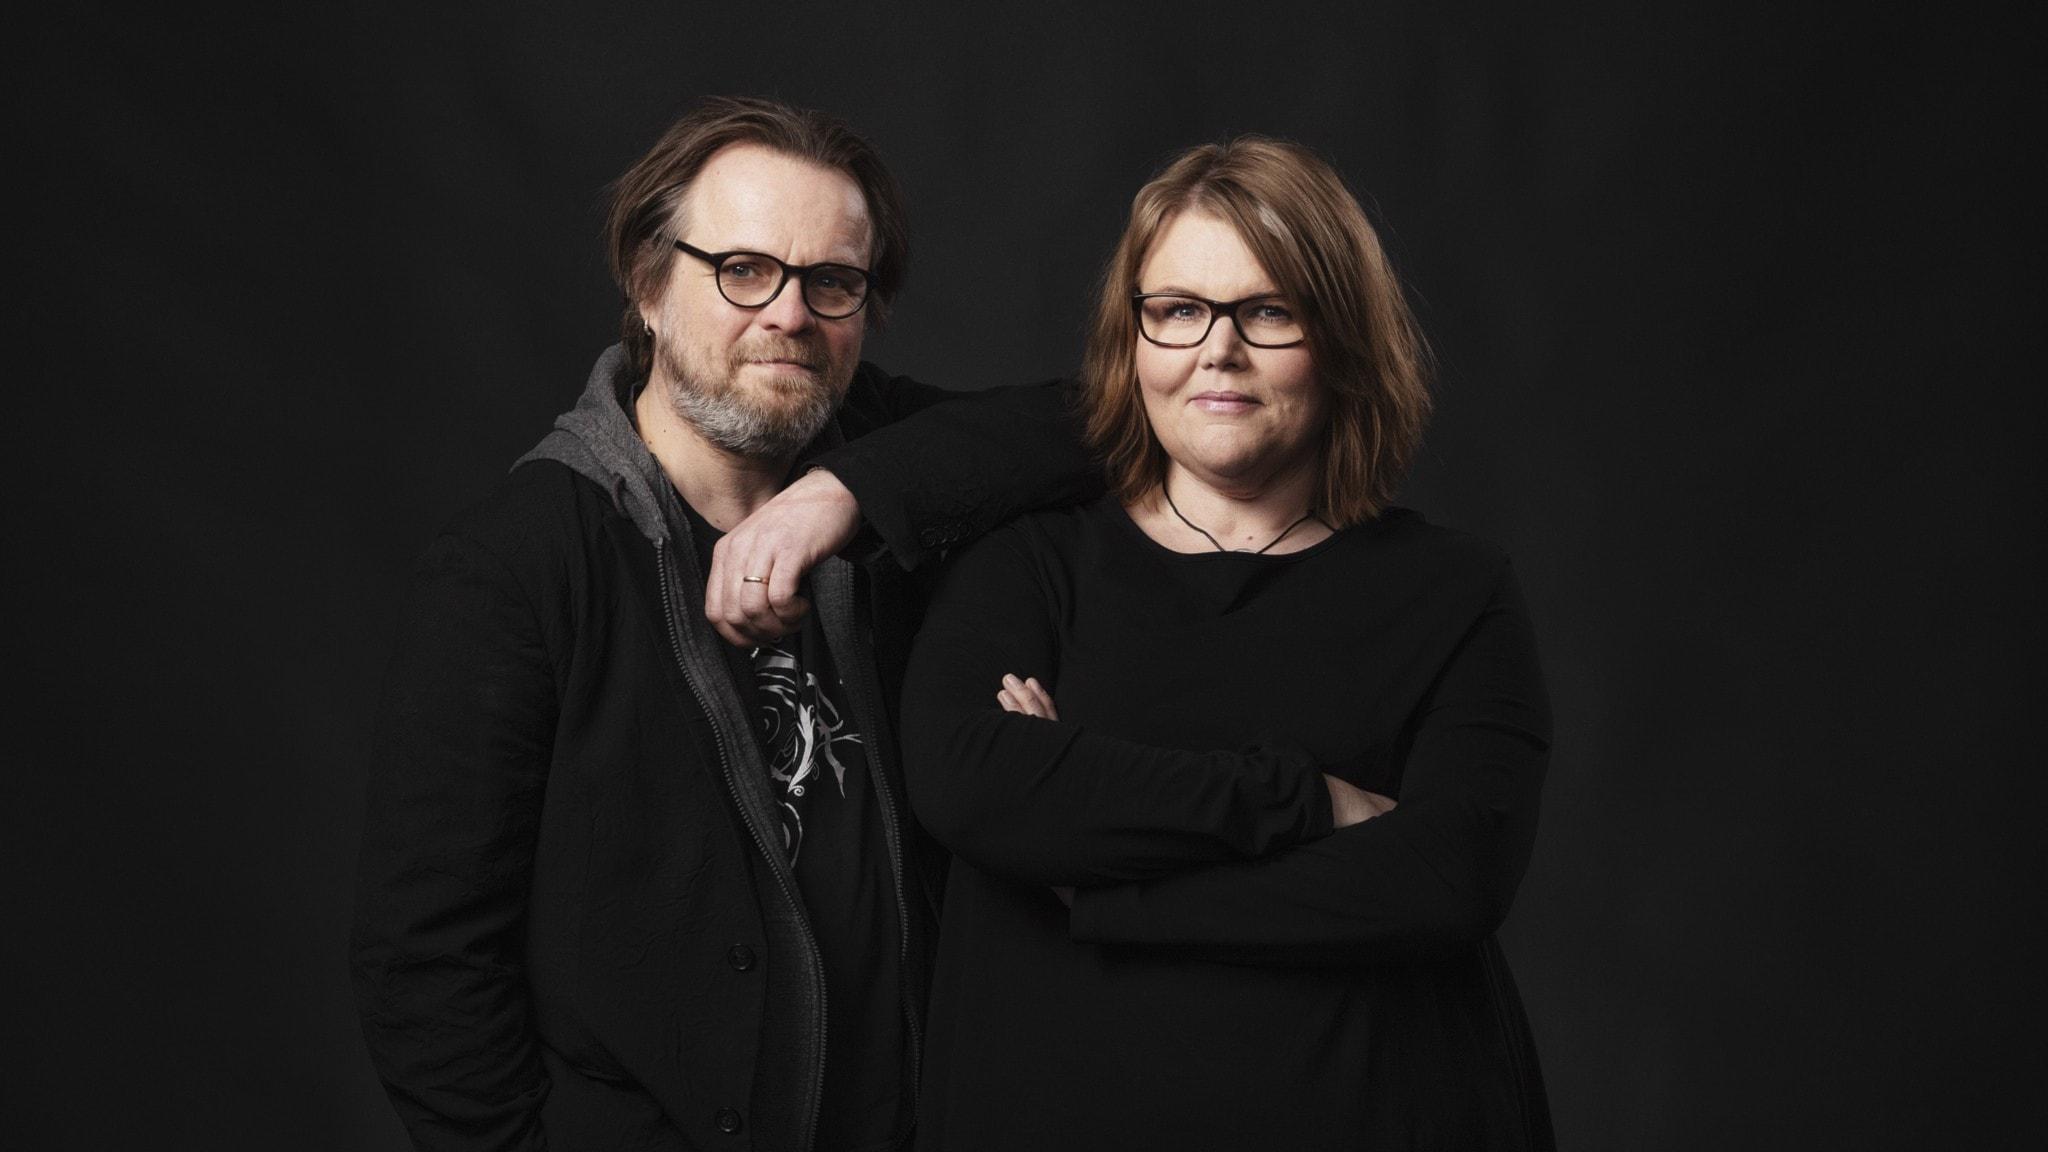 Hårdrockskvällens programledare Andreas Matz och Linda Thulin.